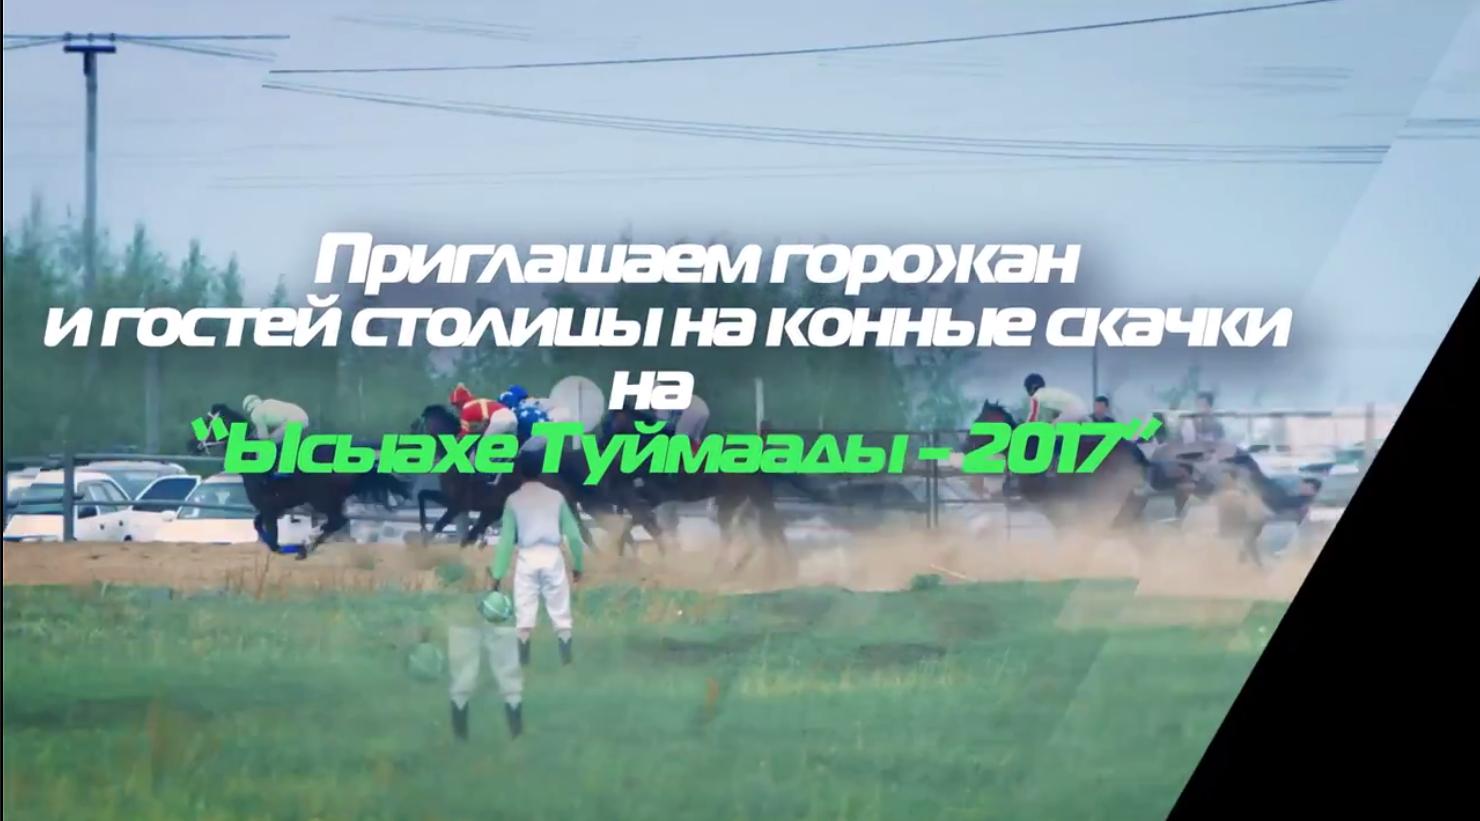 """Конные скачки на """"Ысыахе Тумаады - 2017"""""""